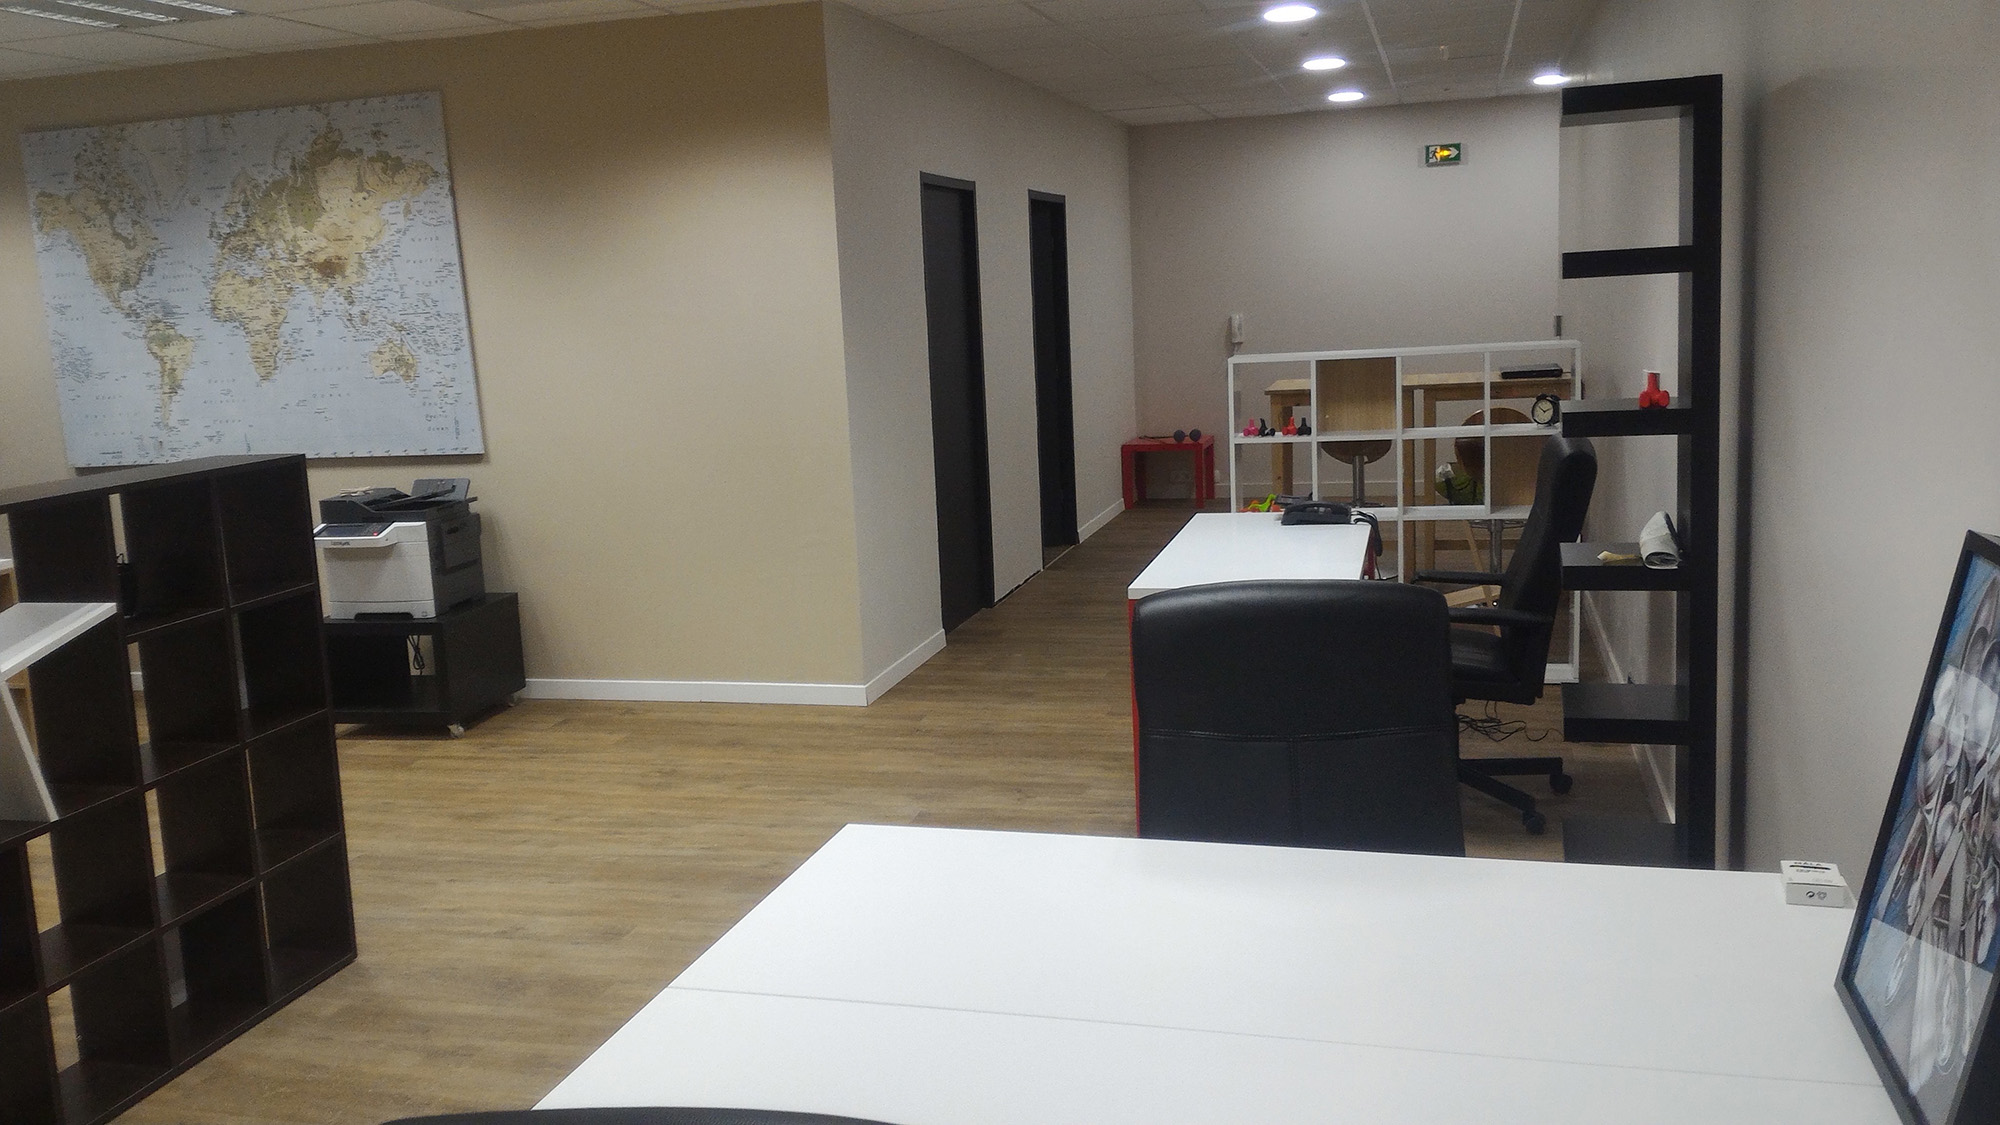 Bureau dans un espace de coworking situ 5 minutes d for Bureau annecy